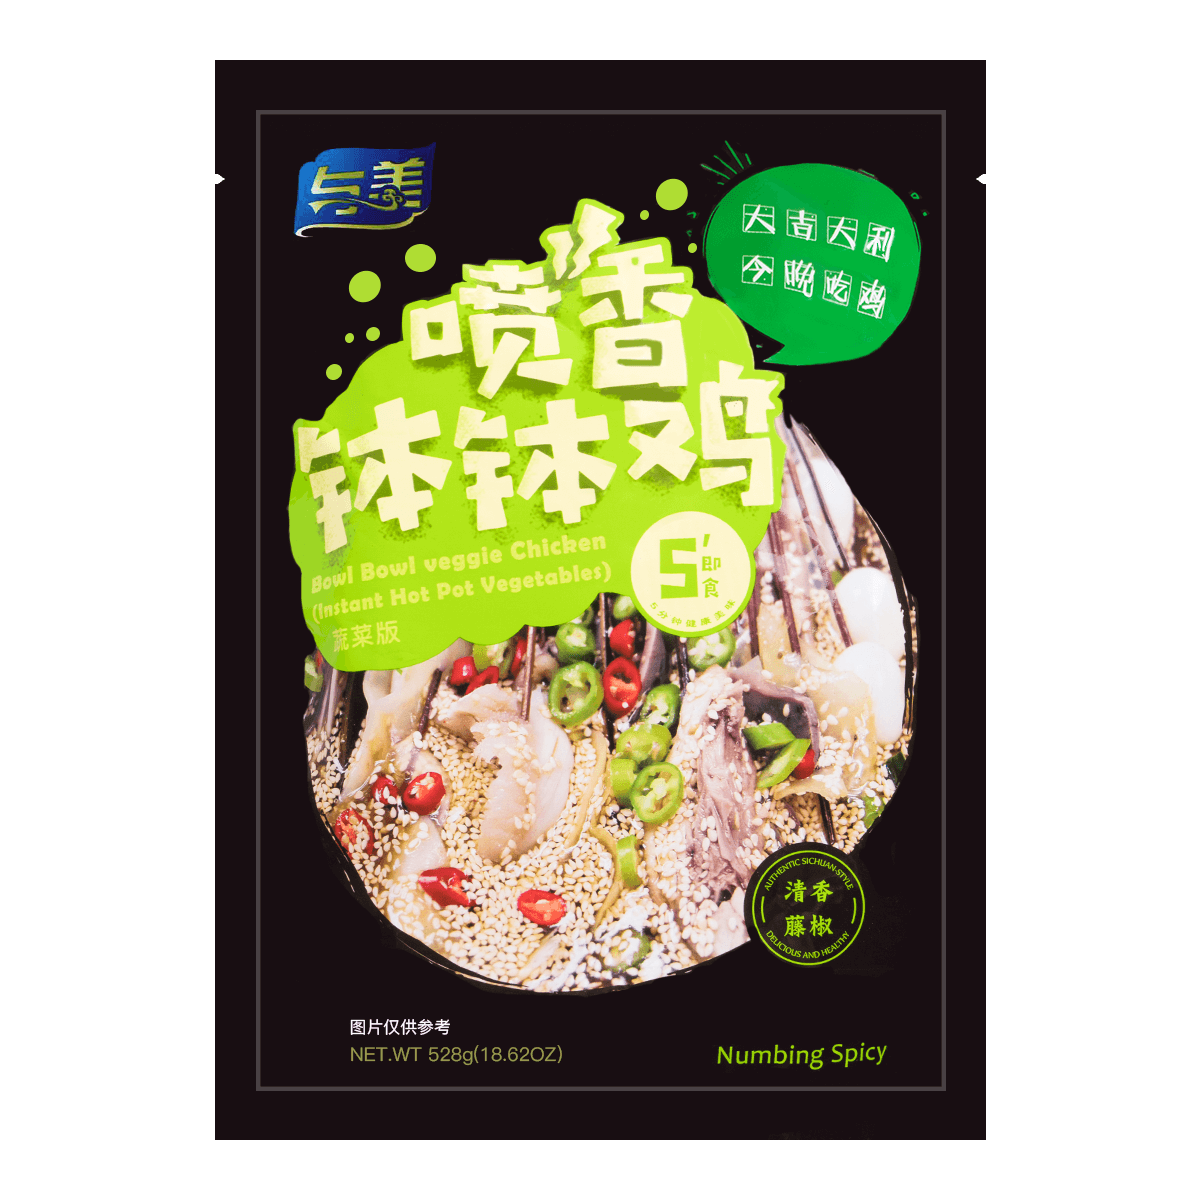 与美 喷香钵钵鸡 蔬菜版 清香藤椒味 袋装 528g